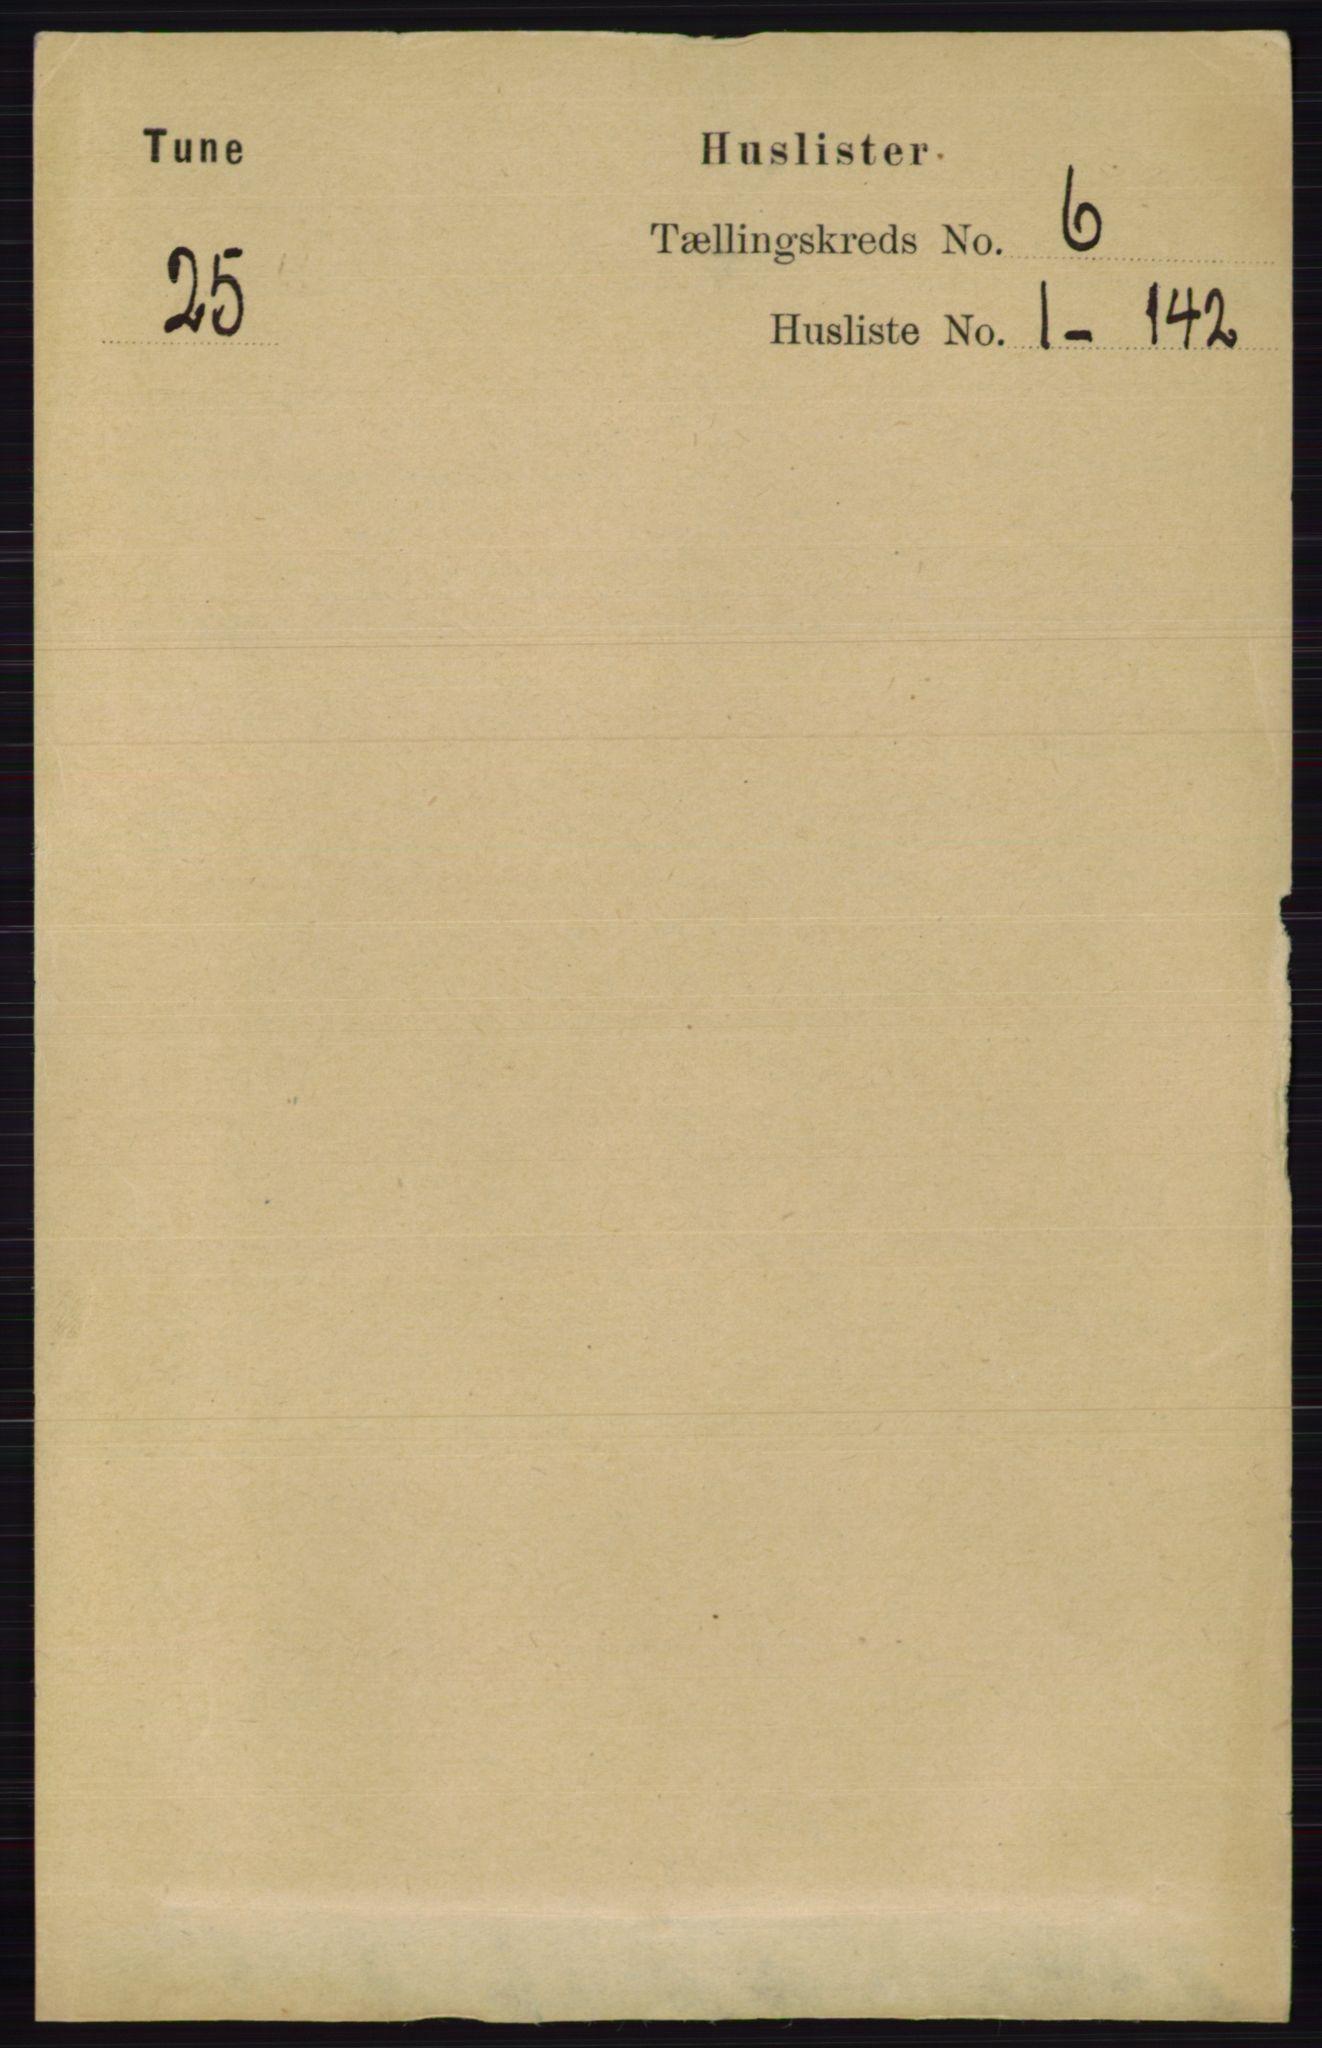 RA, Folketelling 1891 for 0130 Tune herred, 1891, s. 3948